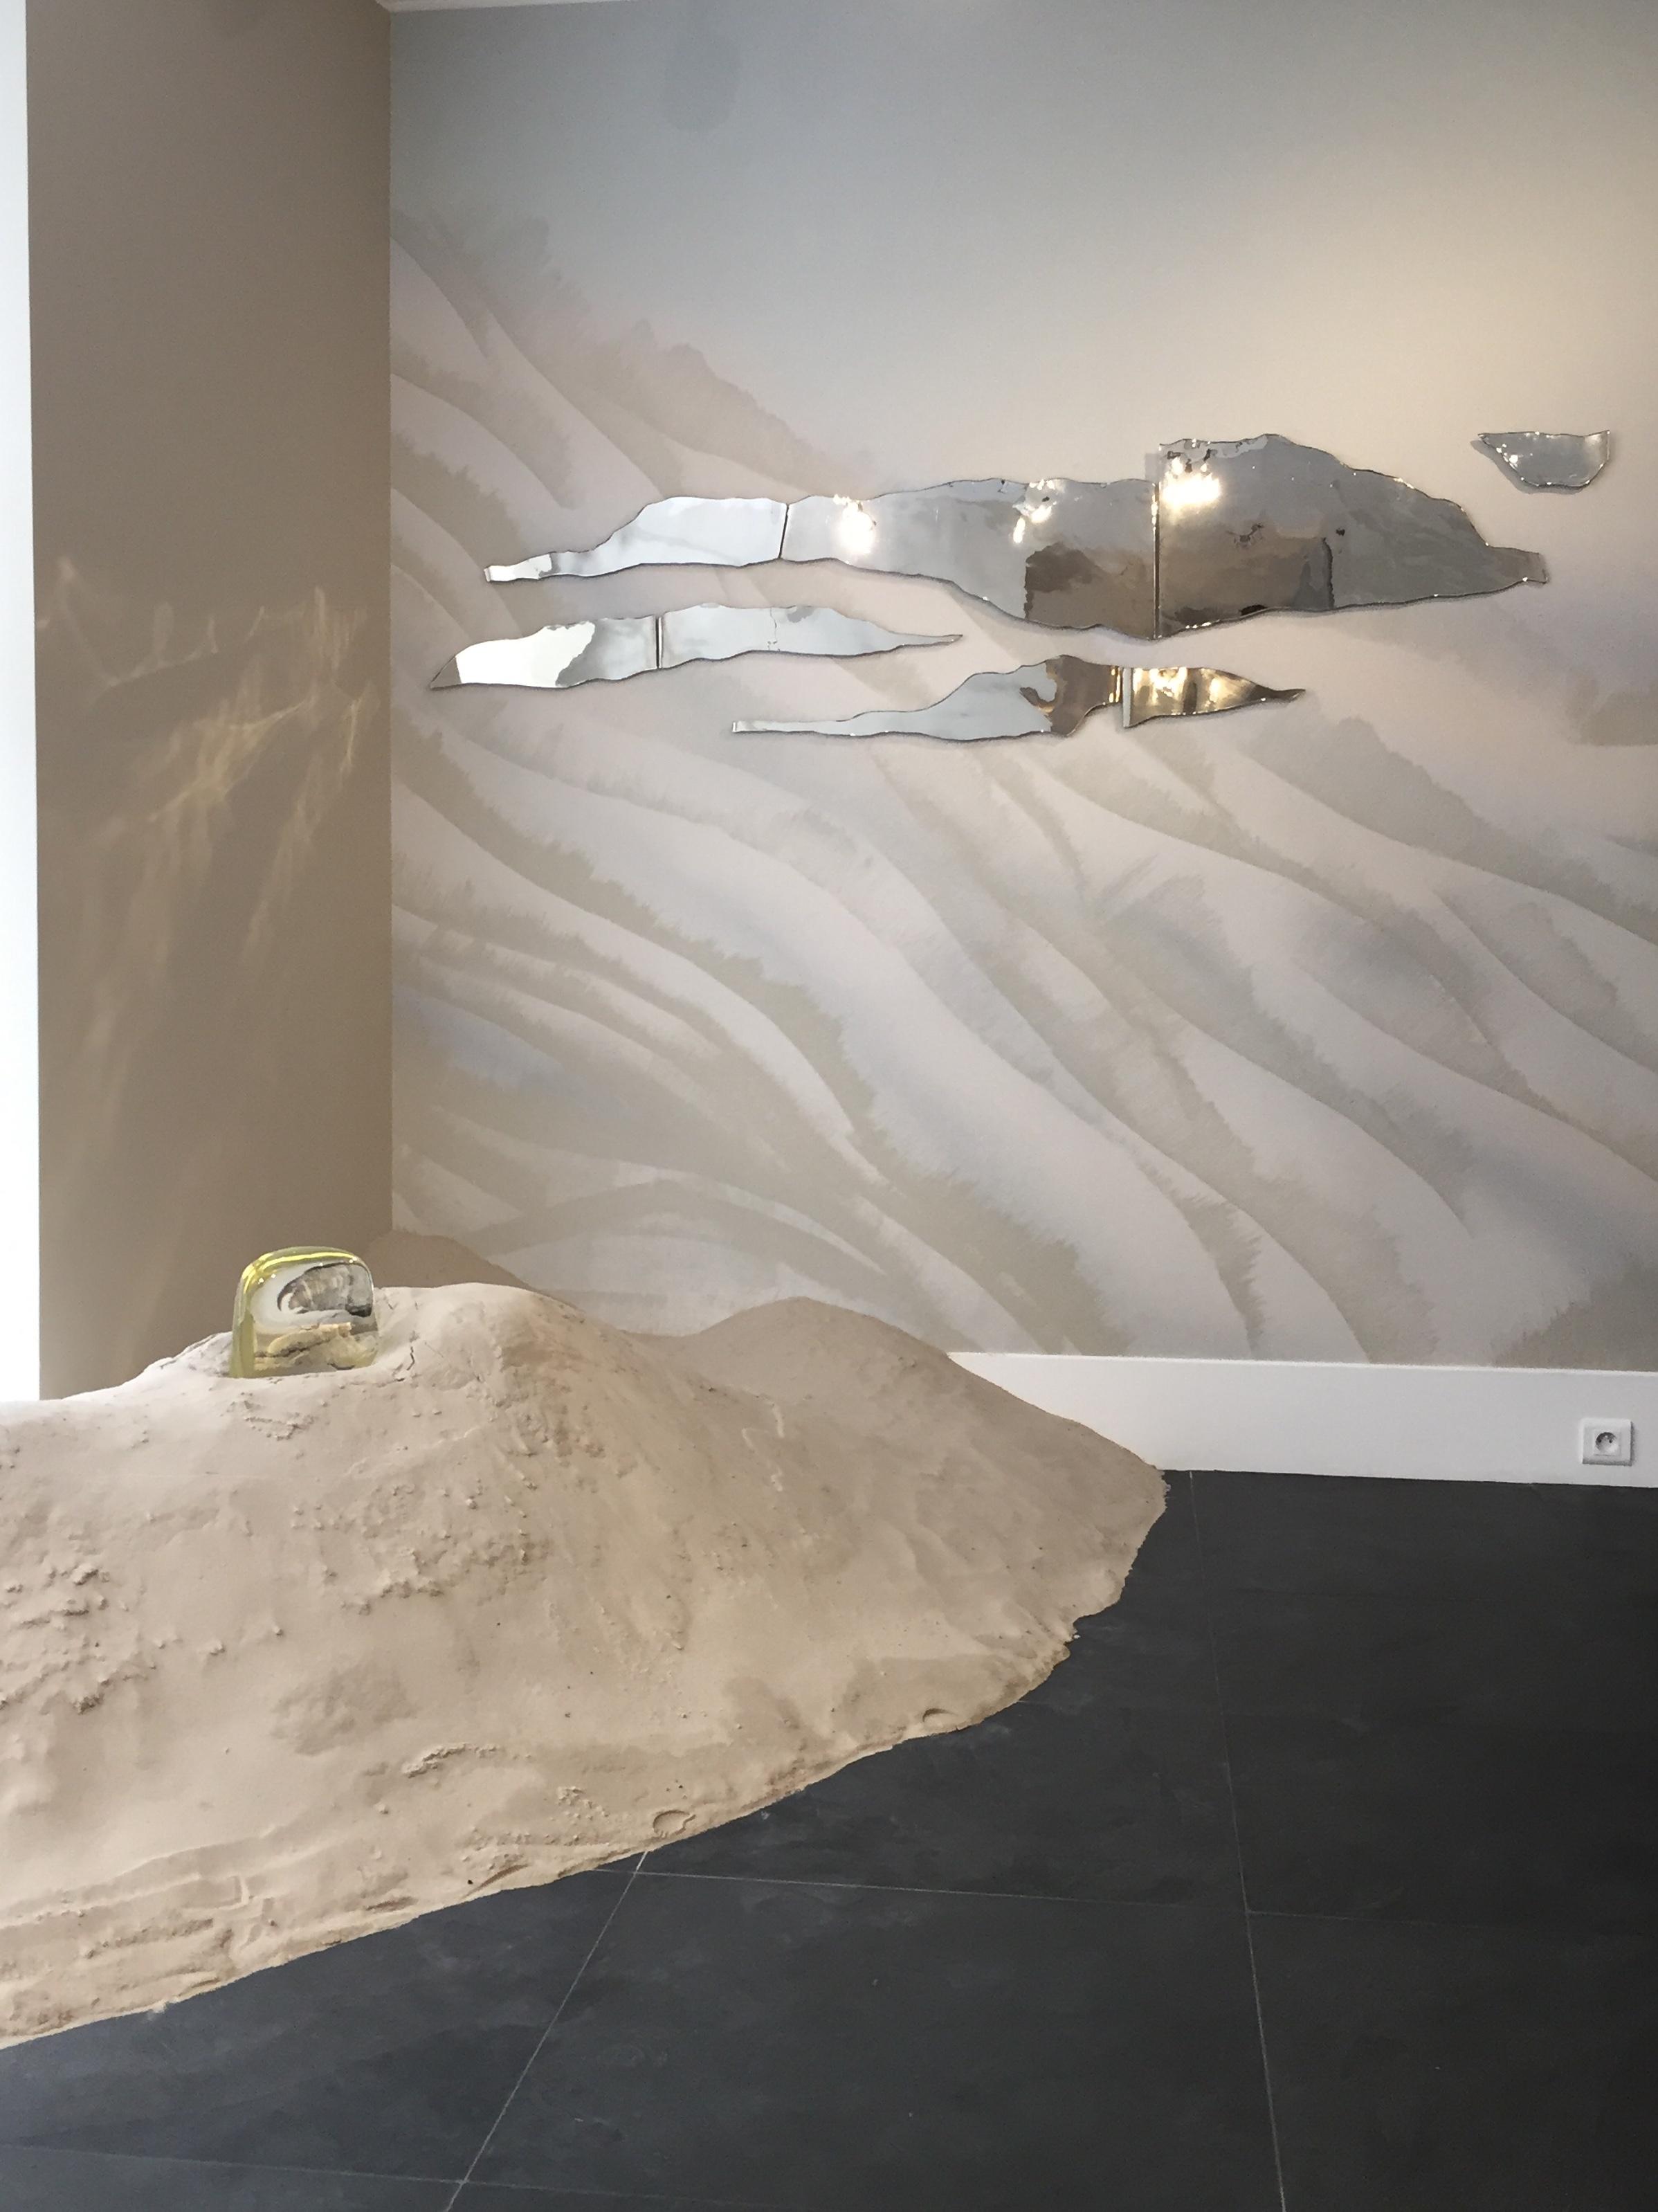 Paris Design Week: La galerie Triode présente Visions/Perceptions, une exposition des designers américains de Ladies & Gentlemen Studio, John Hogan et Calico Wallpaper.